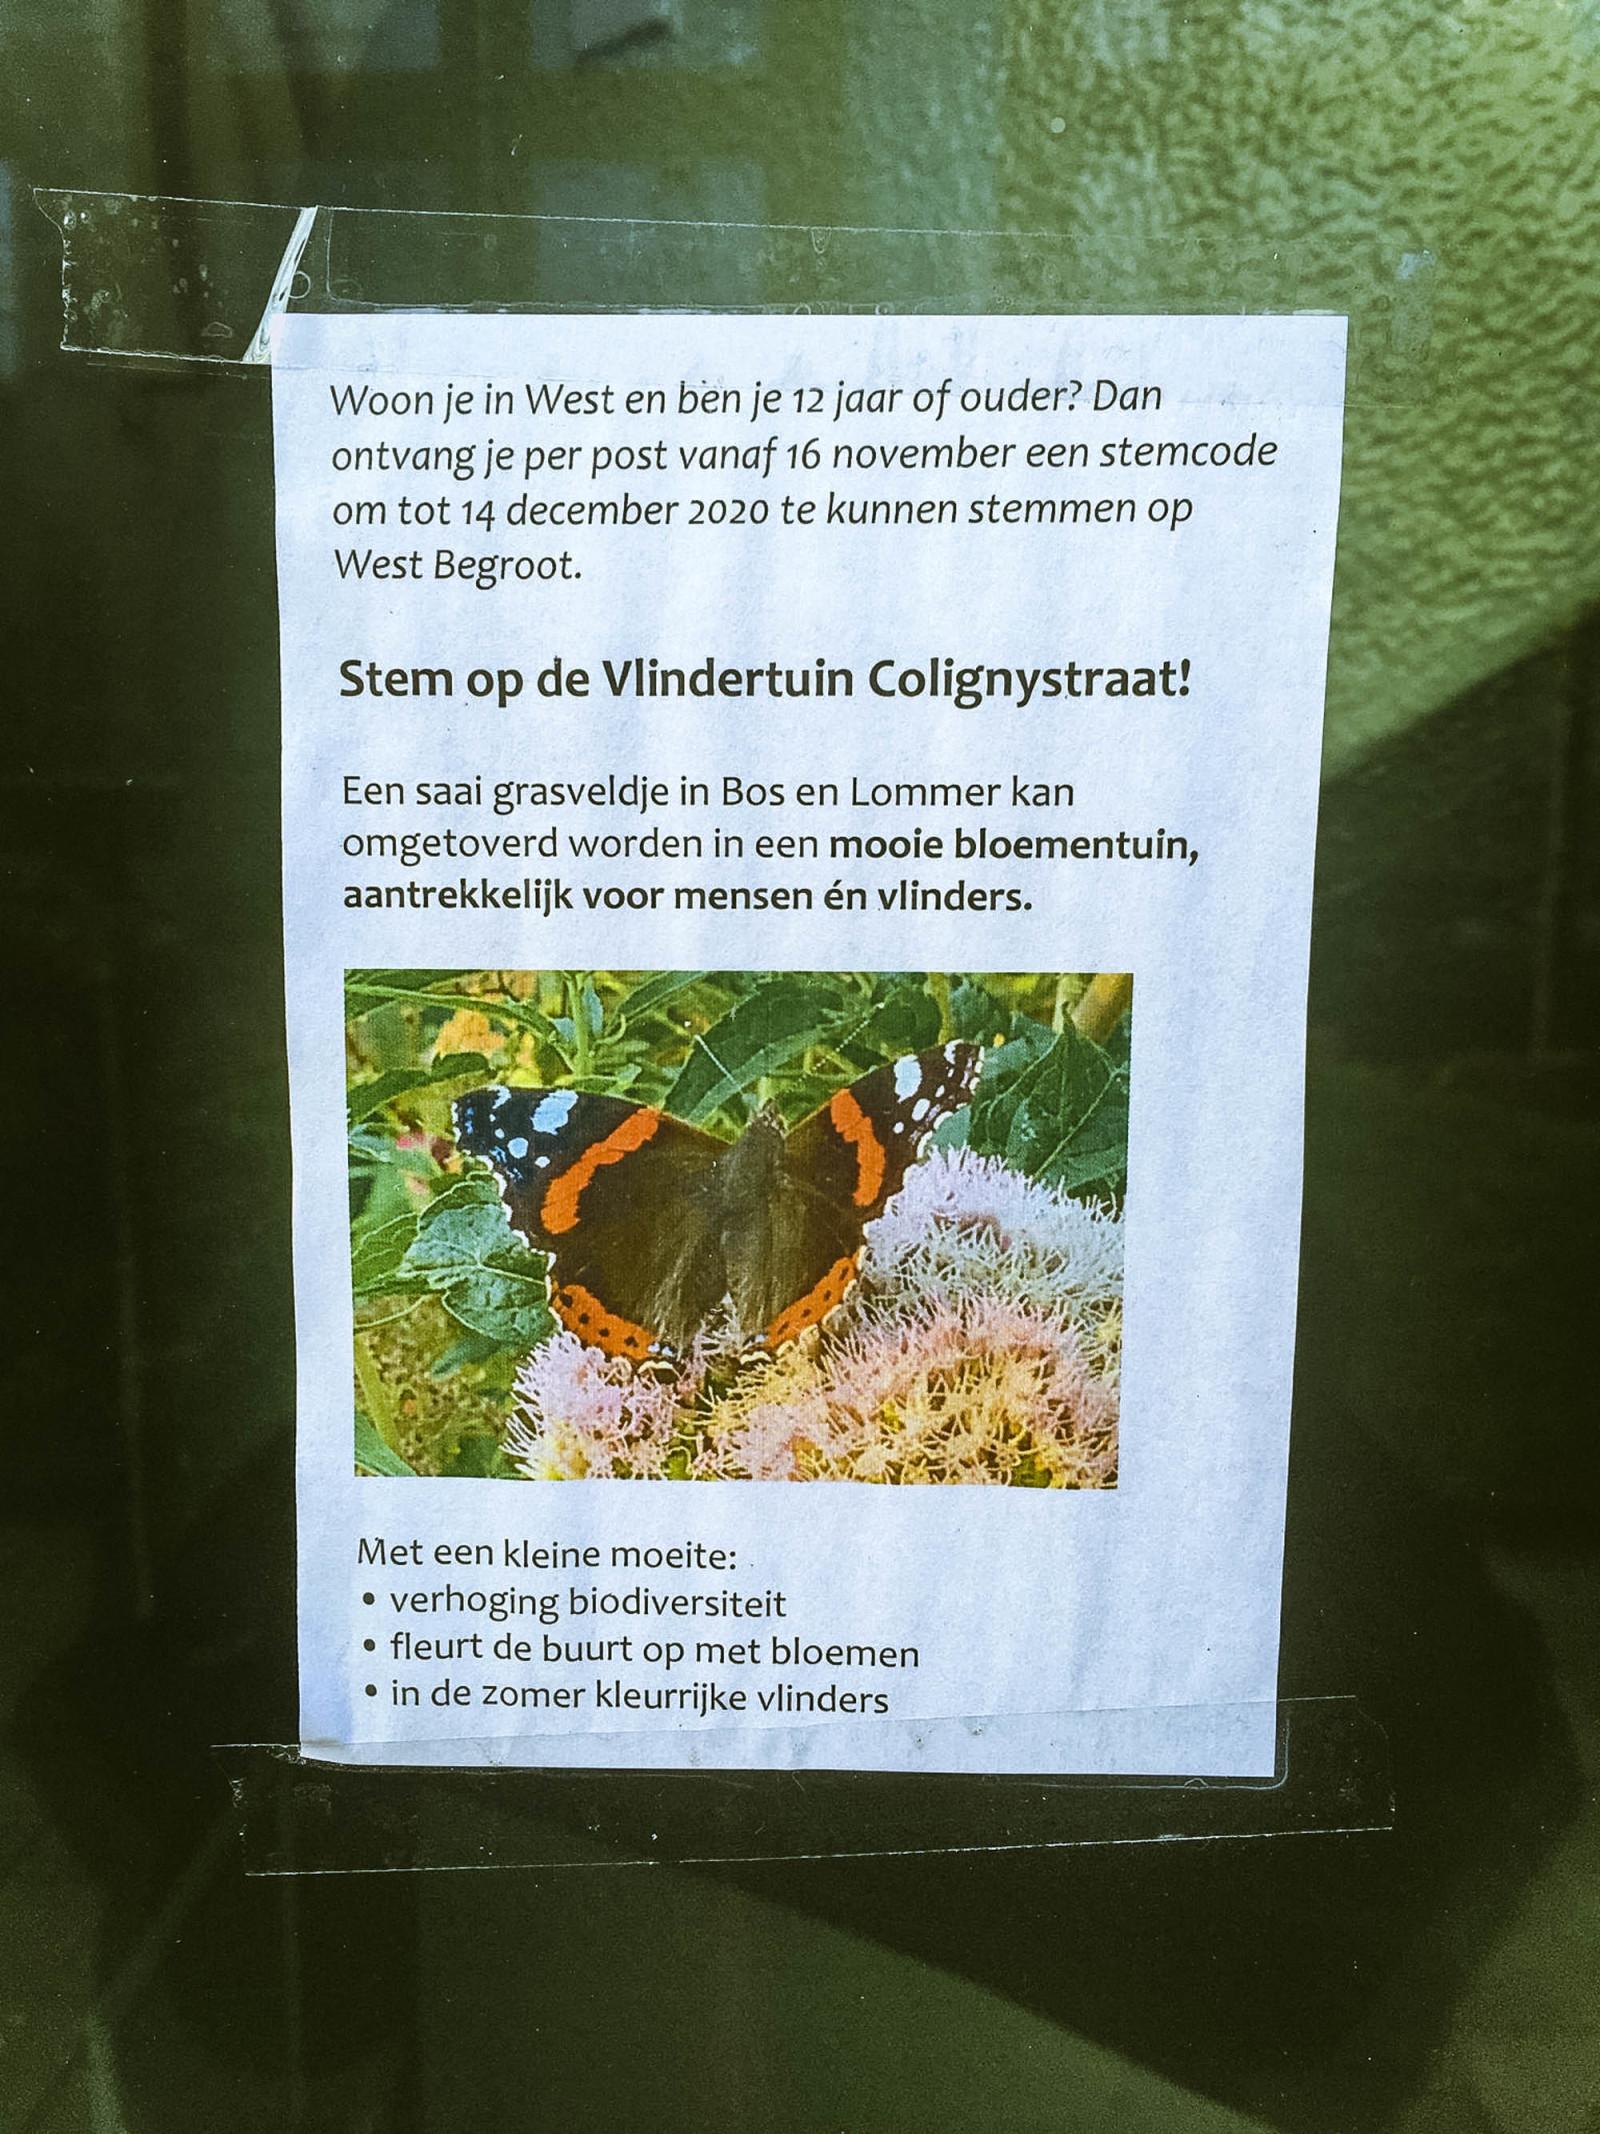 コミュニティスペースの活用方法を提案する市民が張り出したポスター。この人の提案はバタフライ・ガーデンをつくりたいというもの。自ら考え、行動する市民は多いという。